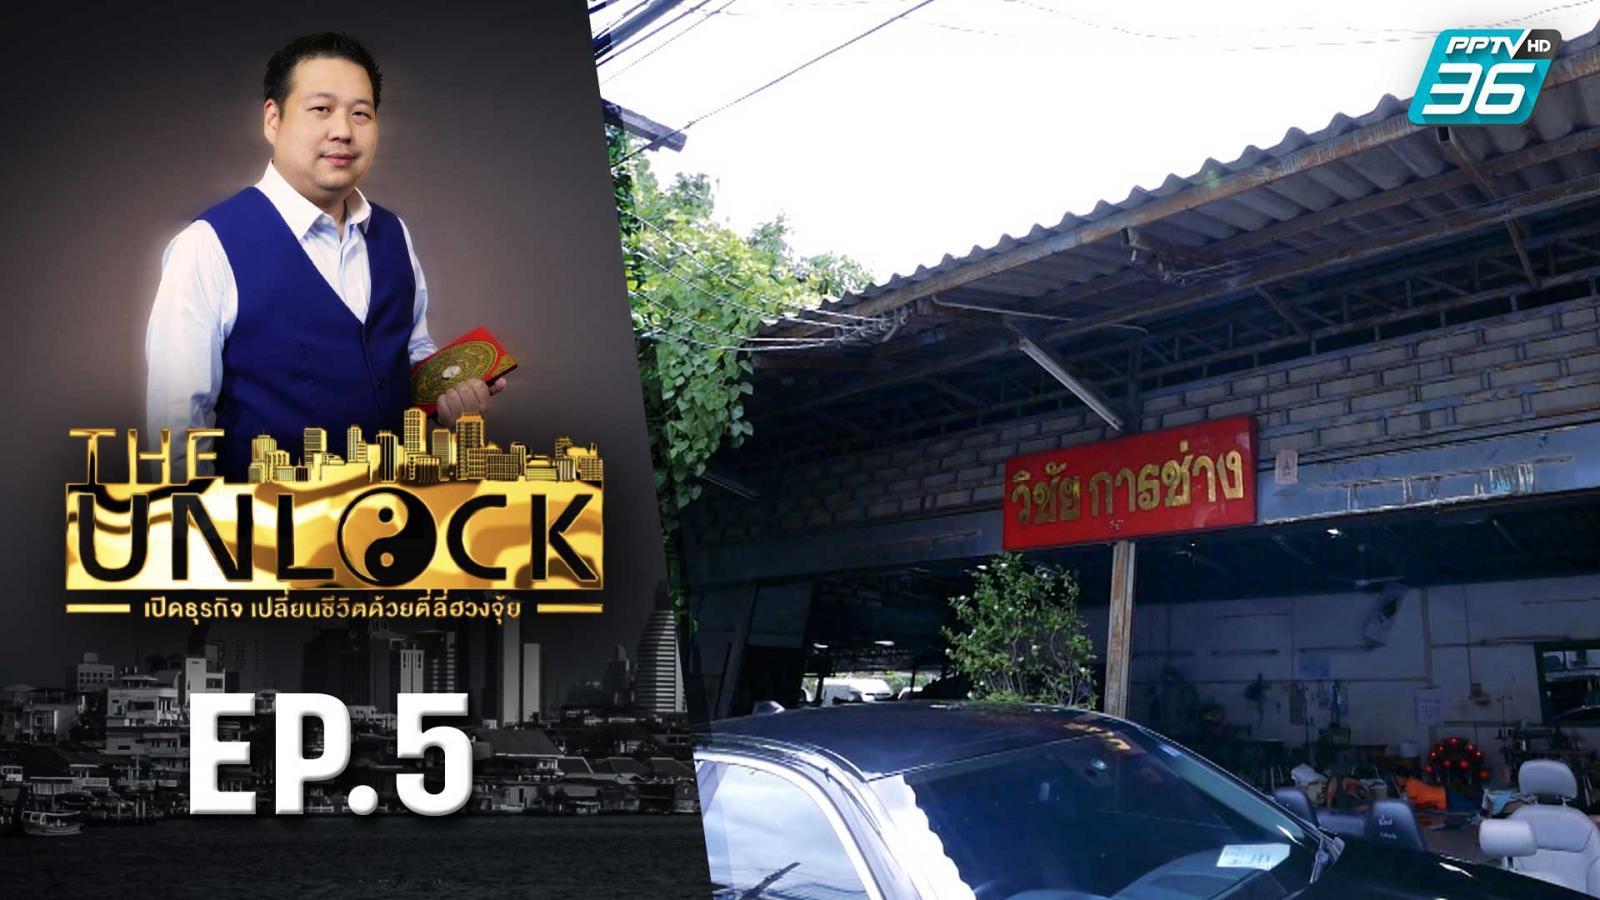 The Unlock เปิดธุรกิจ เปลี่ยนชีวิตด้วยตี่ลี่ฮวงจุ้ย | ตอน ธุรกิจหุ้มเบาะ EP.5 | PPTV HD 36